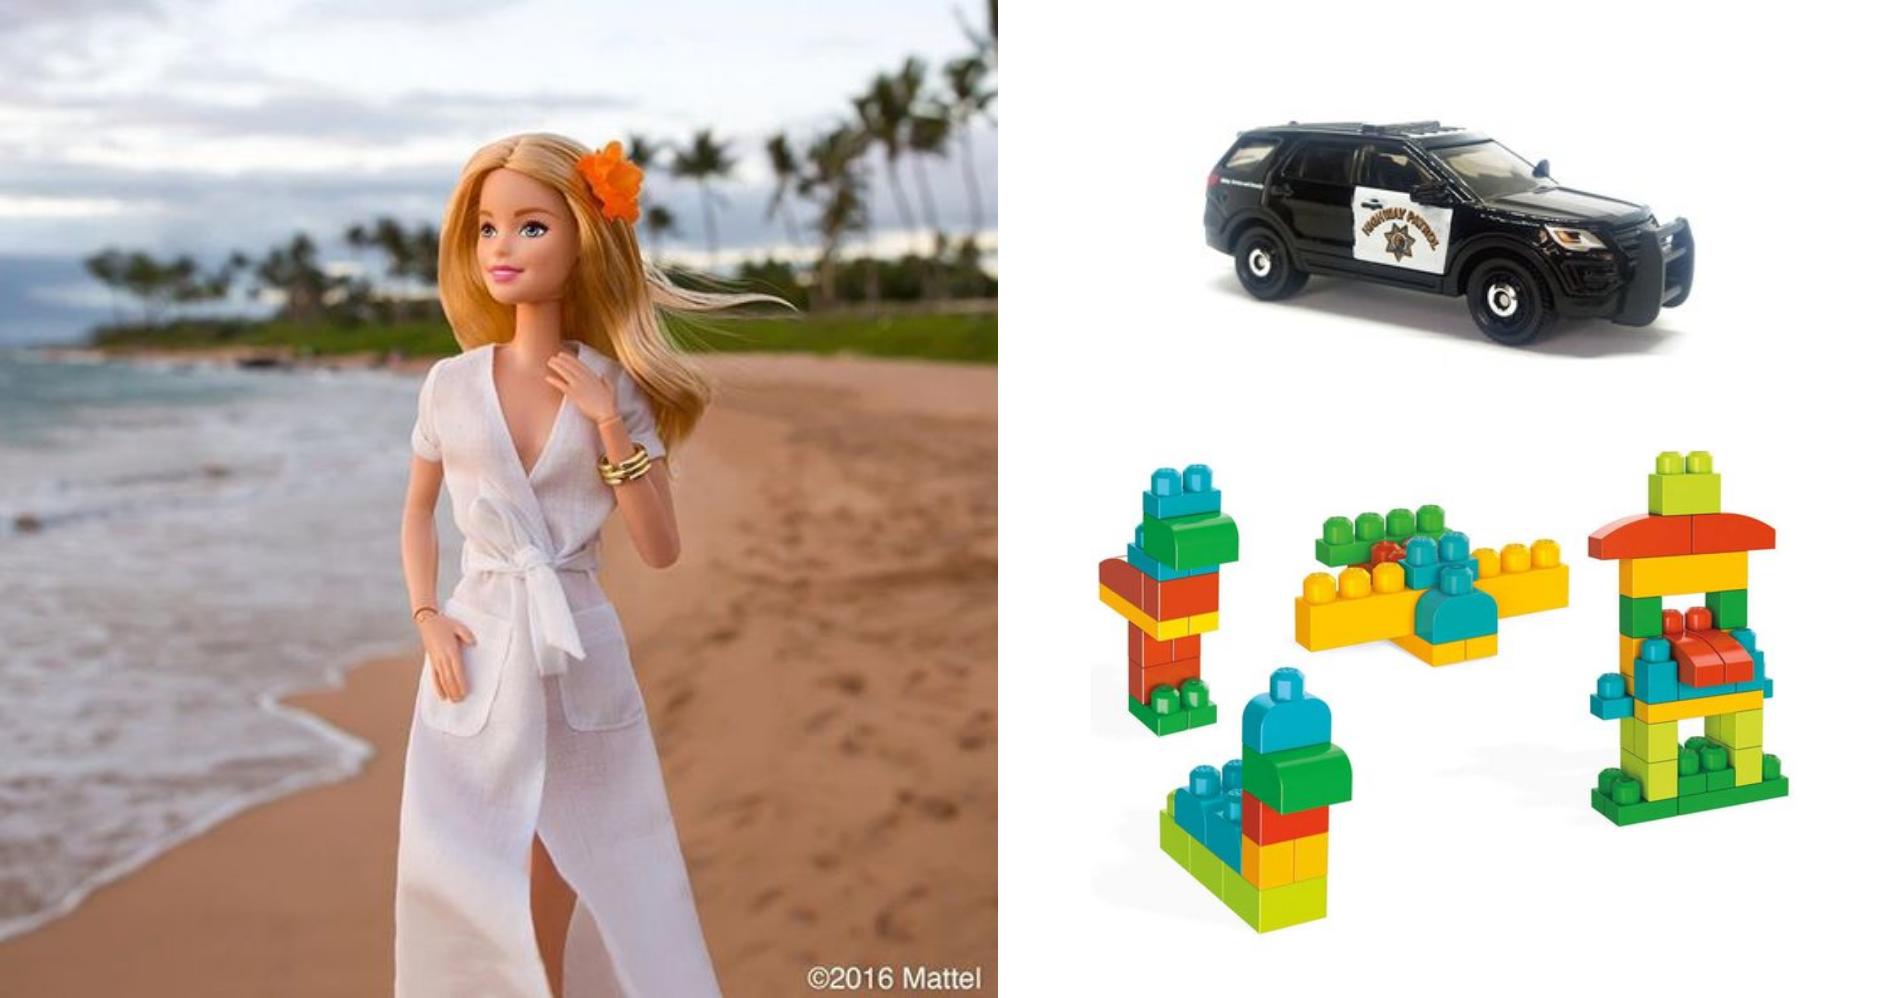 Produk Mattel yang Bisa Didaur Ulang Illustration Web Bisnis Muda - Pinterest